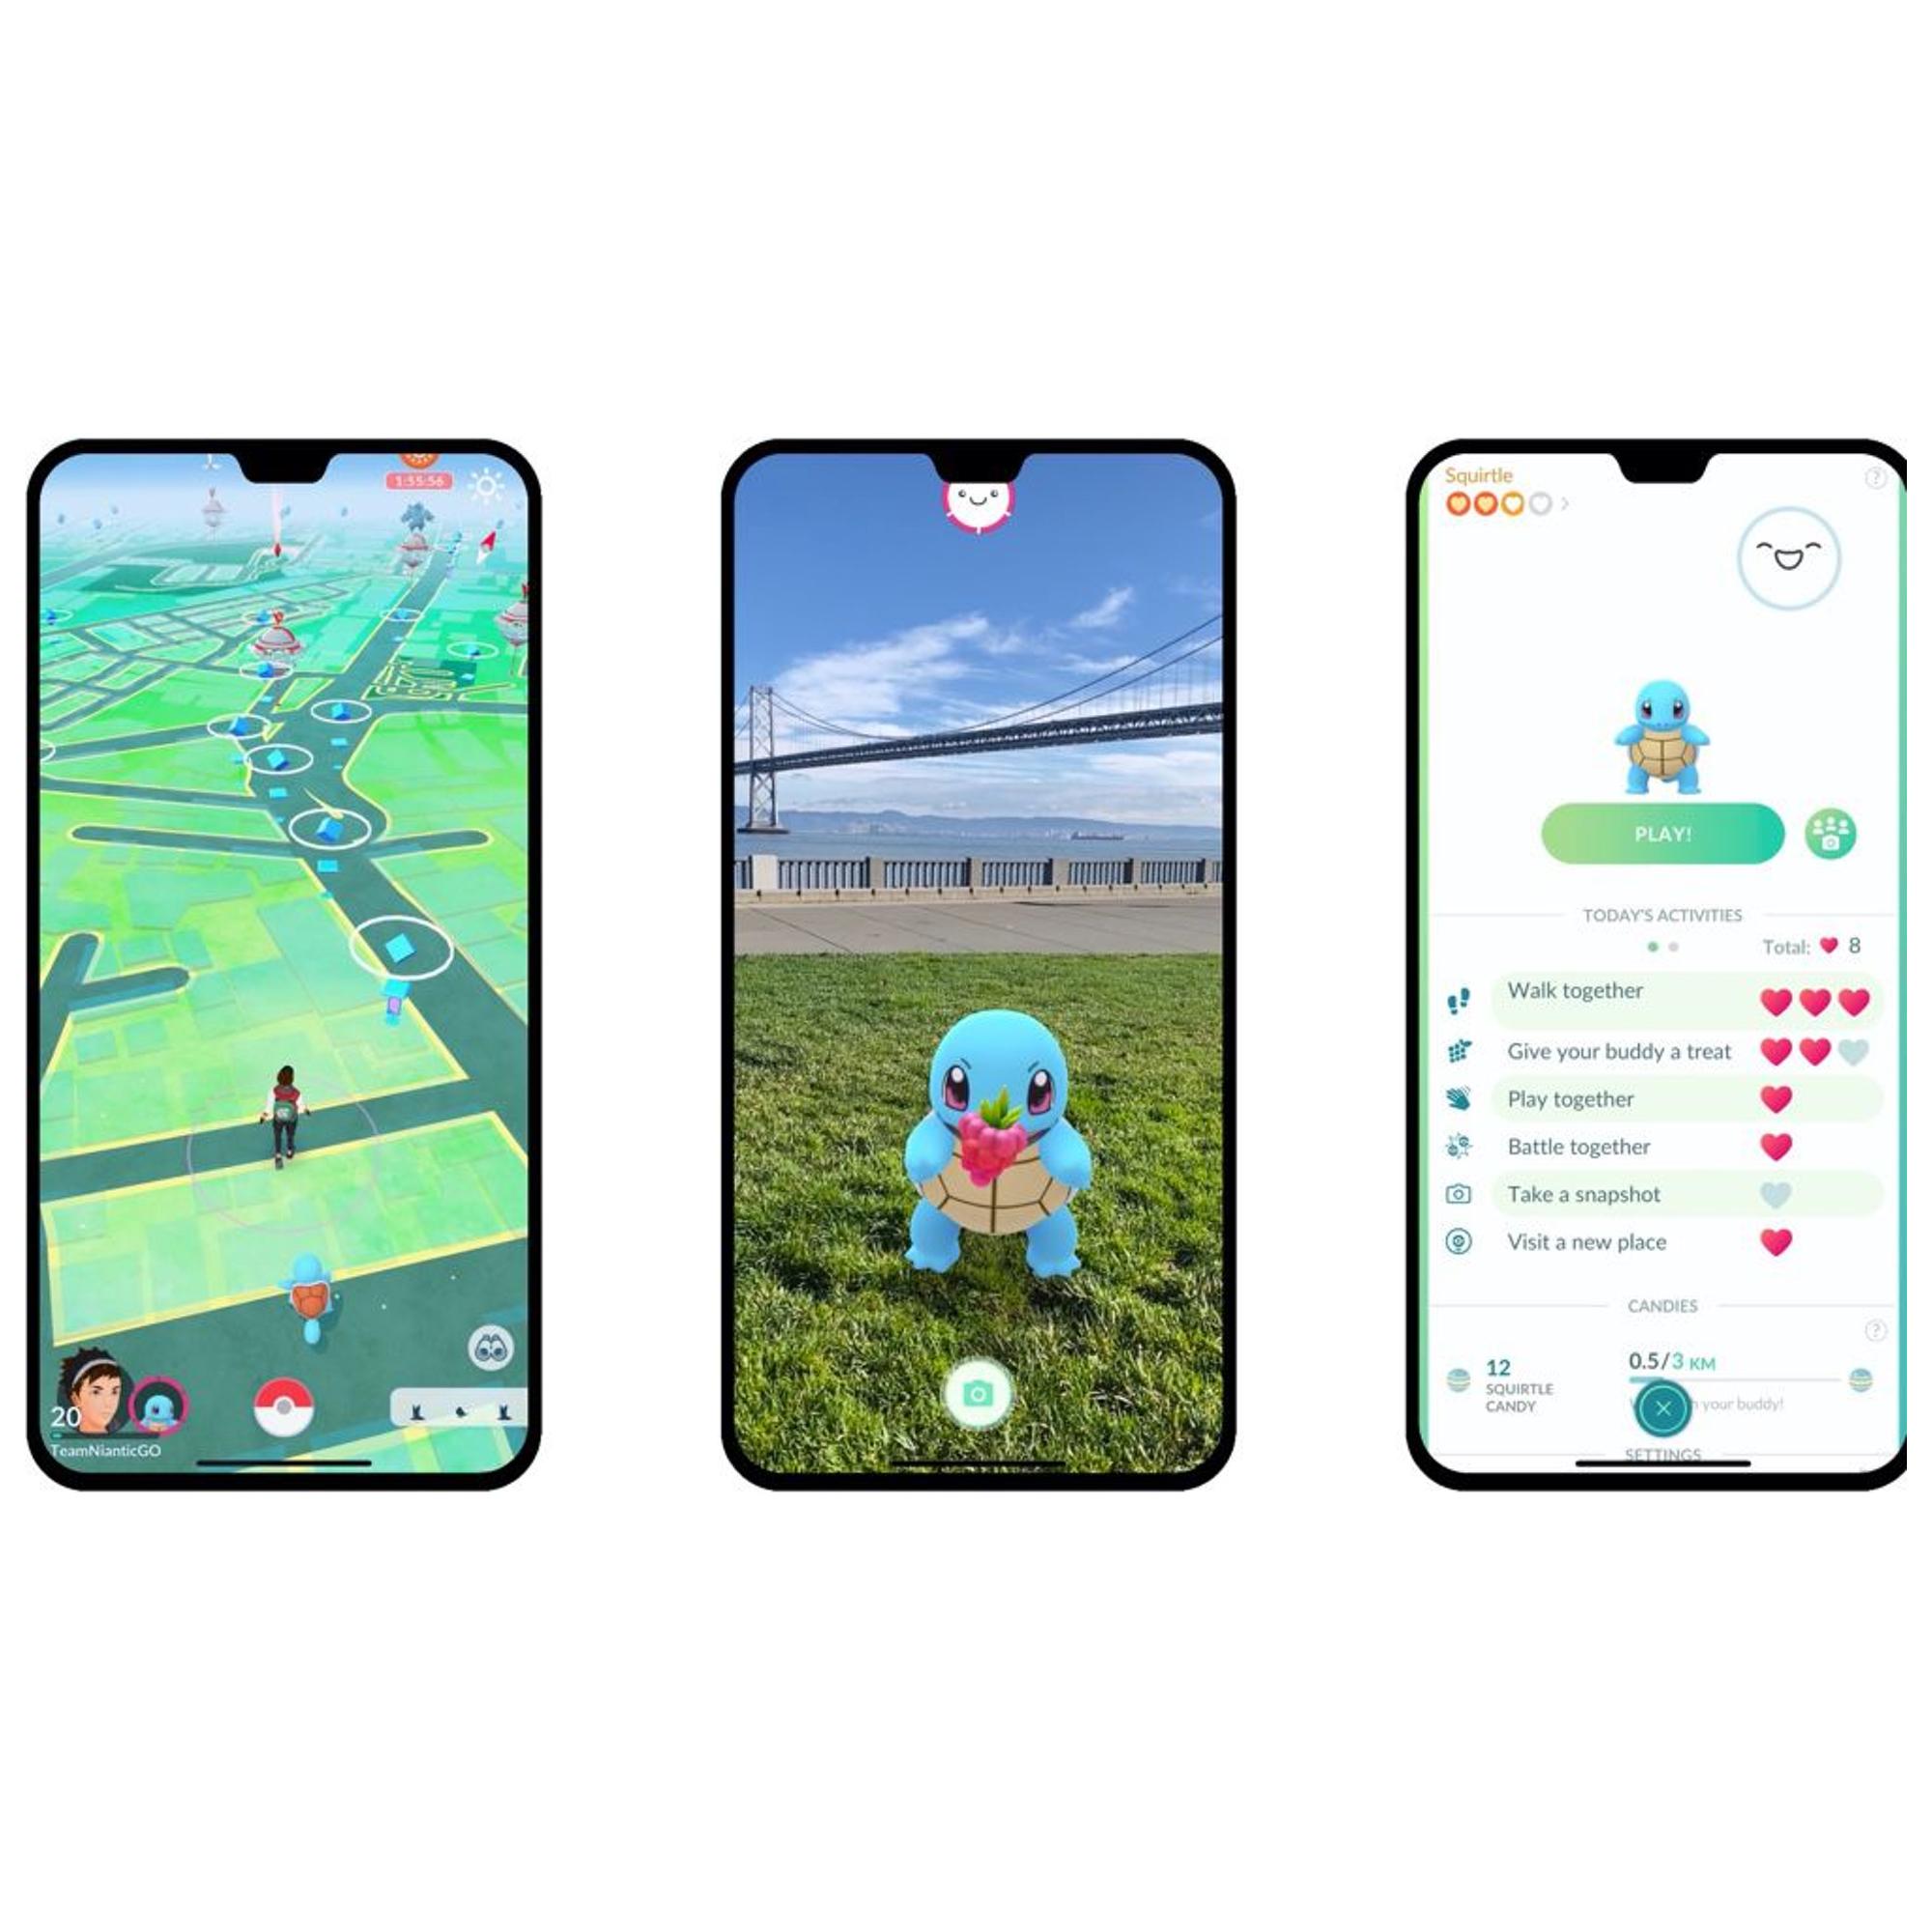 écrans de smartphone présentant de scènes de Pokemon Go, exemple de jeu de réalité augmentée